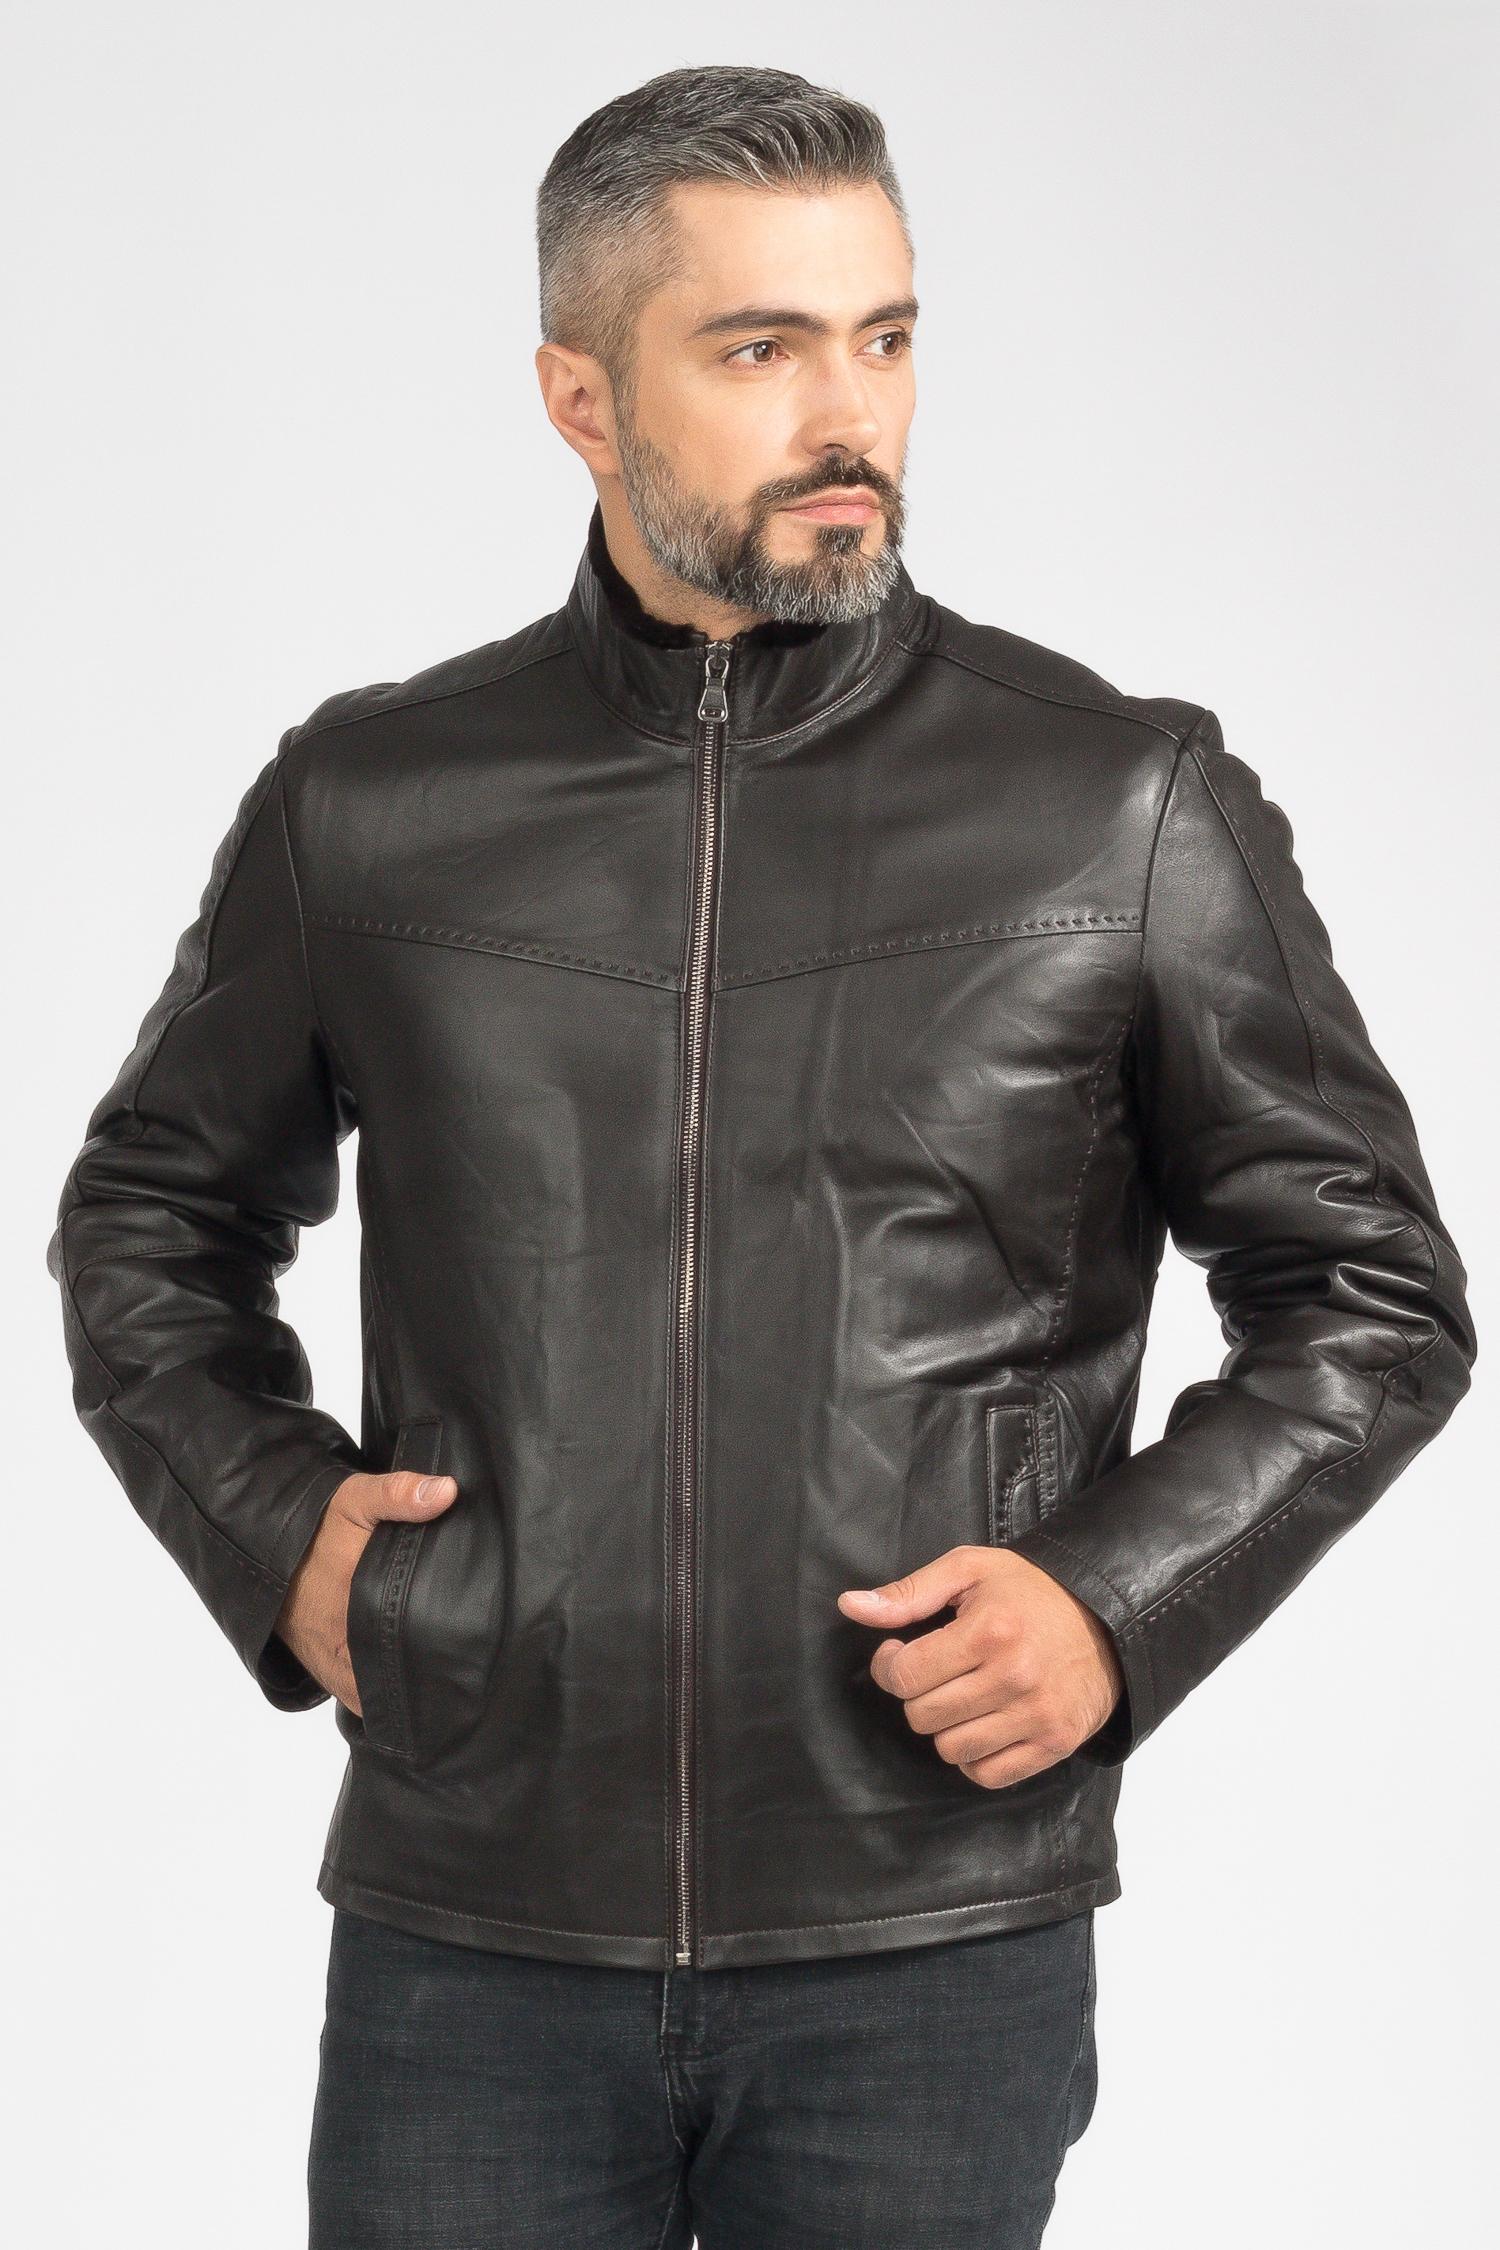 Фото #1: Мужская кожаная куртка из натуральной кожи на меху с воротником, без отделки